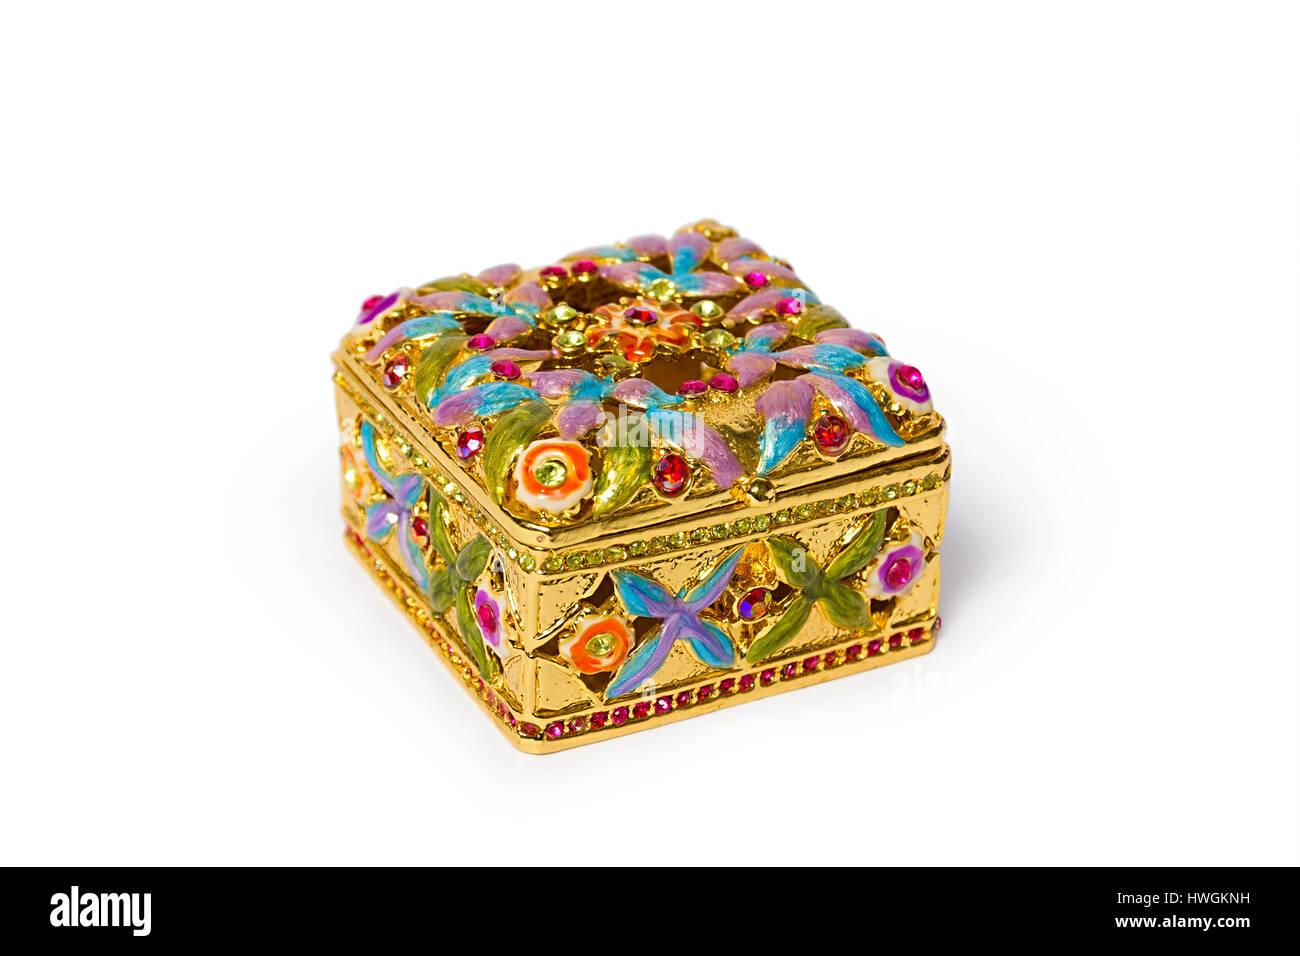 583025847ba6 Boîte de bijoux. Coffret d or avec des pierres précieuses. Des bijoux  magnifiques boîtes sur un fond blanc.